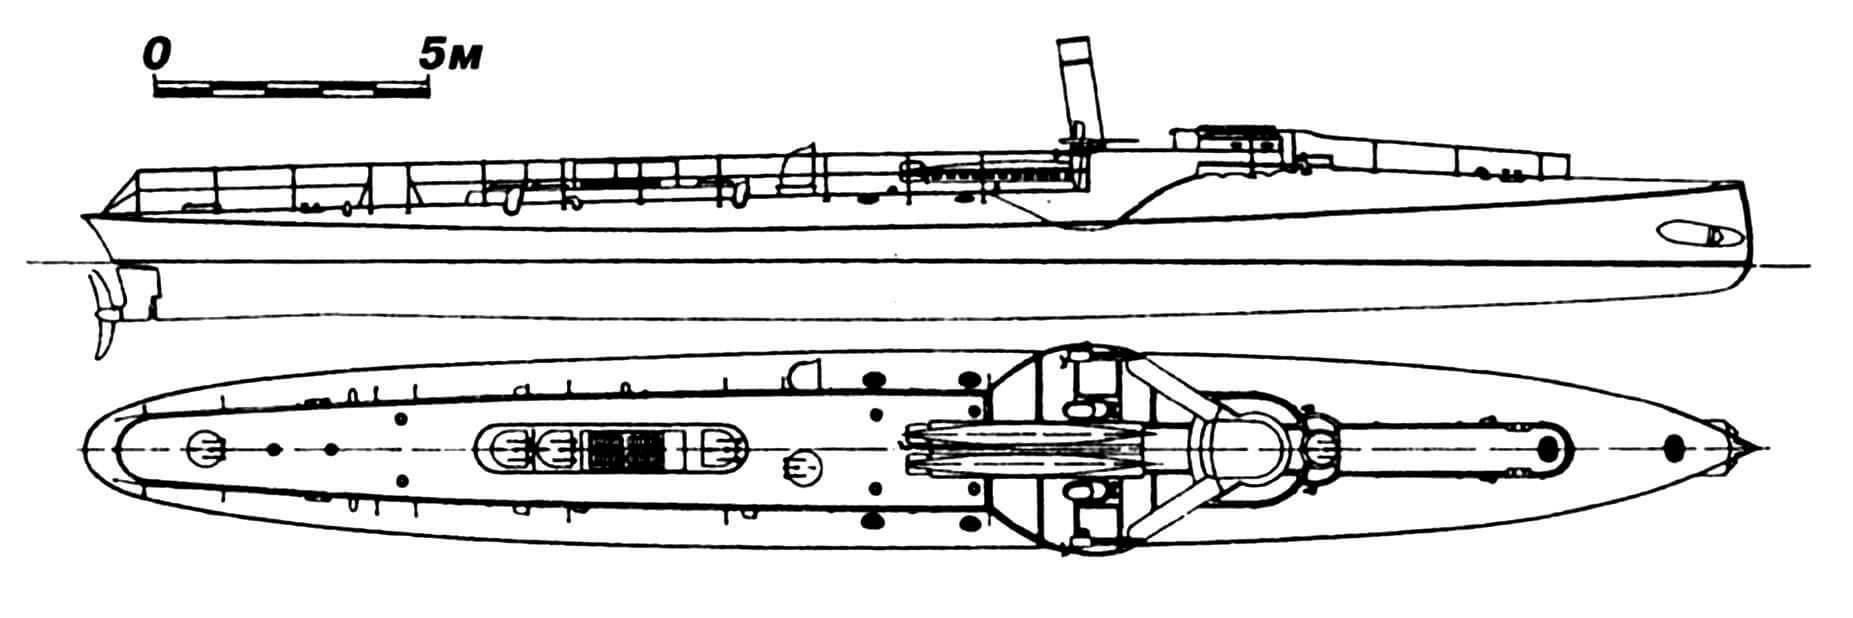 46.Миноносец «Фатум», Италия, 1888 г. Строился фирмой «Орландо» (г. Ливорно). Водоизмещение нормальное 42 т. Длина наибольшая 30,83 м, ширина 3,5 м, осадка 2,32 м. Одновальная паросиловая установка, скорость 19 узлов. Вооружение (по проекту): два торпедных аппарата, две двуствольные 25-мм пушки. В состав флота включен не был и использовался в качестве опытного корабля.